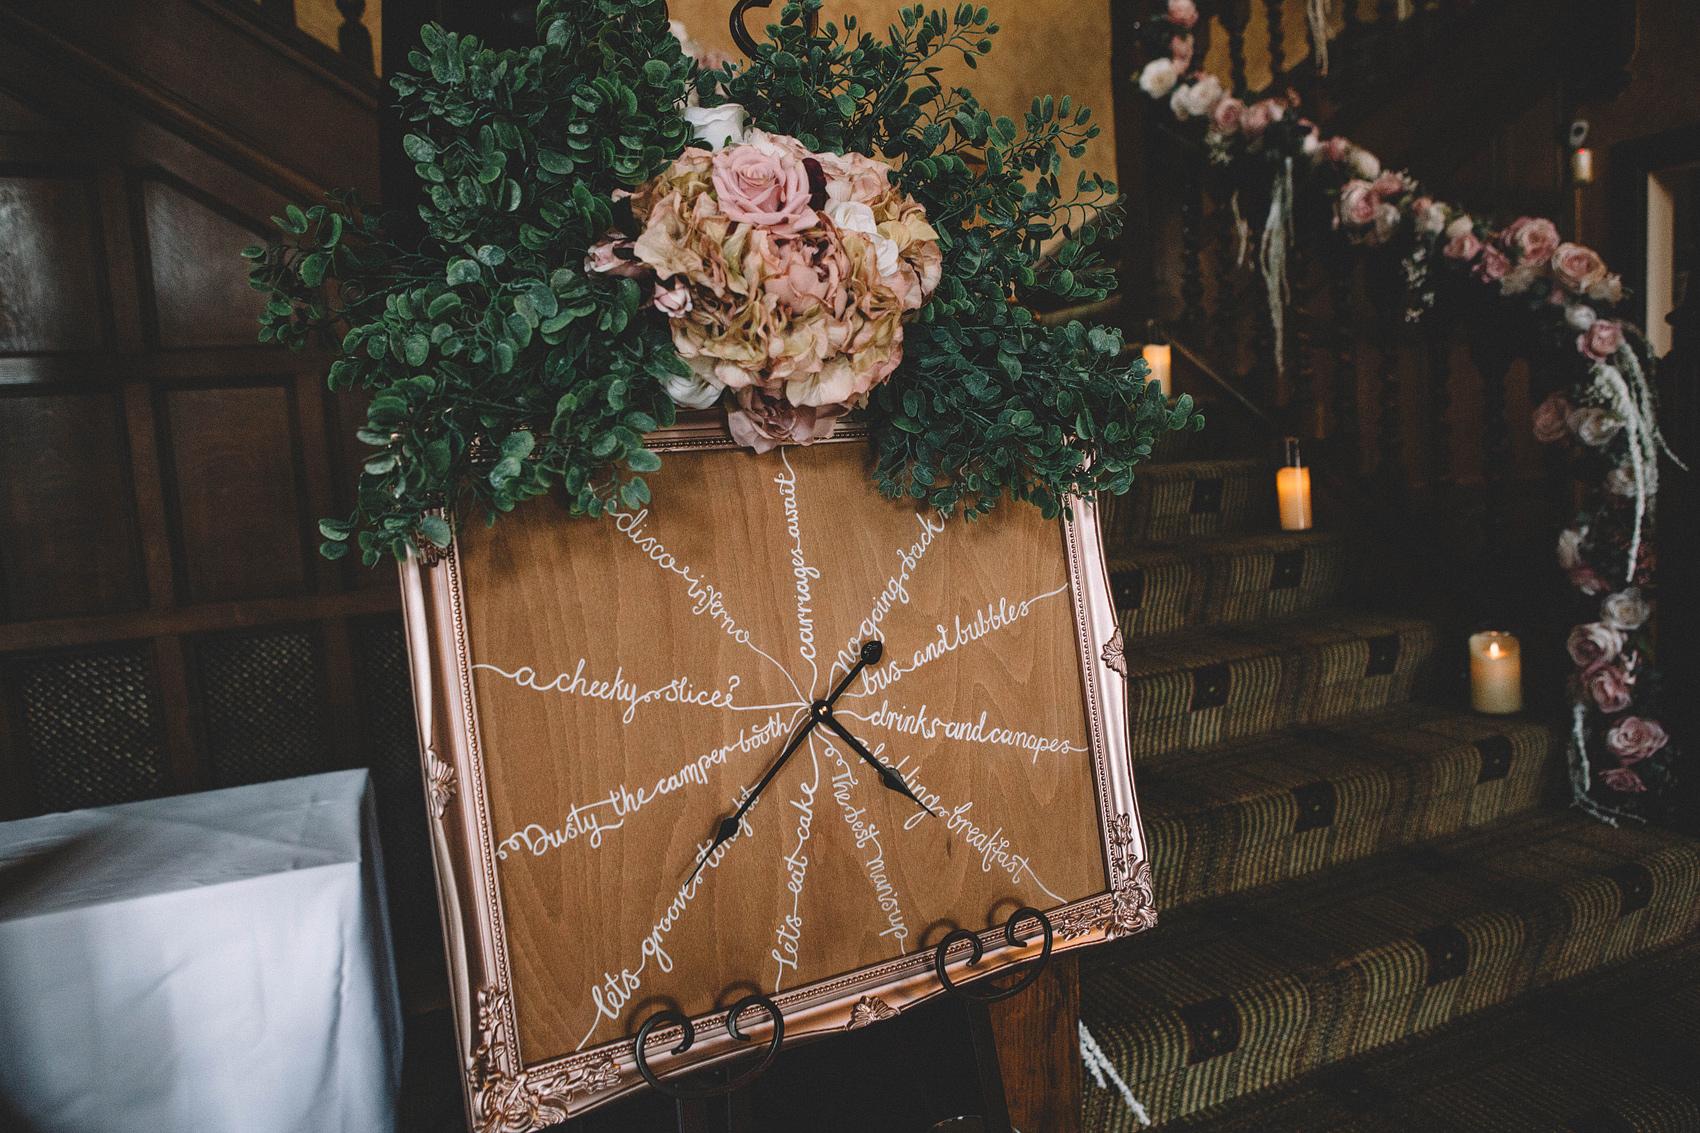 Inglewood_Manor_Wedding_Photography_-_Claire_Basiuk_Cheshire_Photographer_-_32_27.jpg